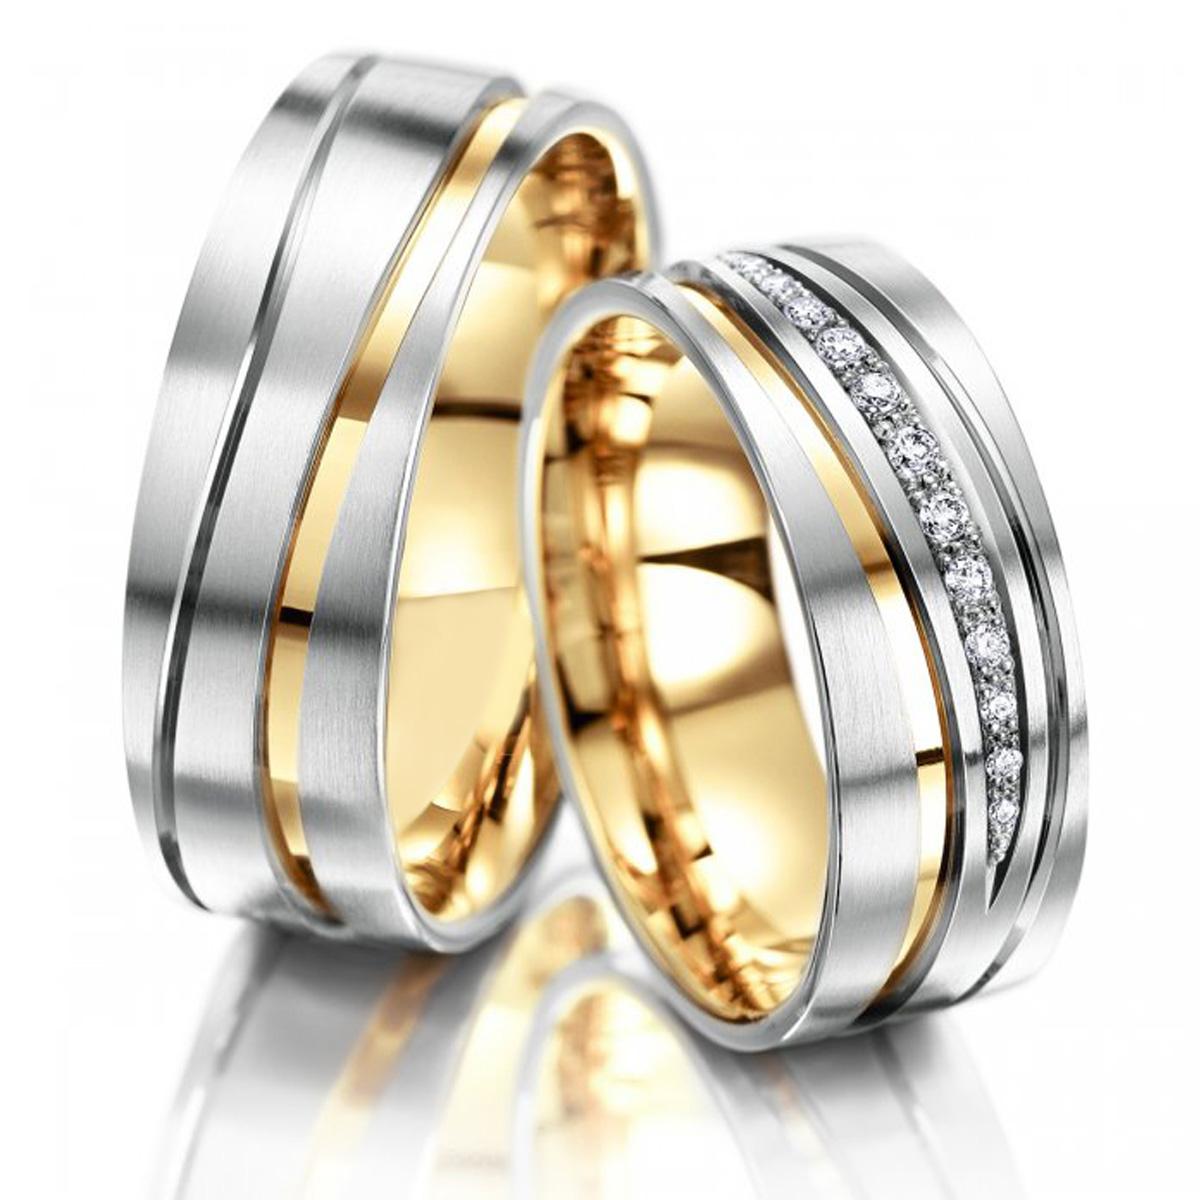 Aliança Monaco de Noivado e Casamento